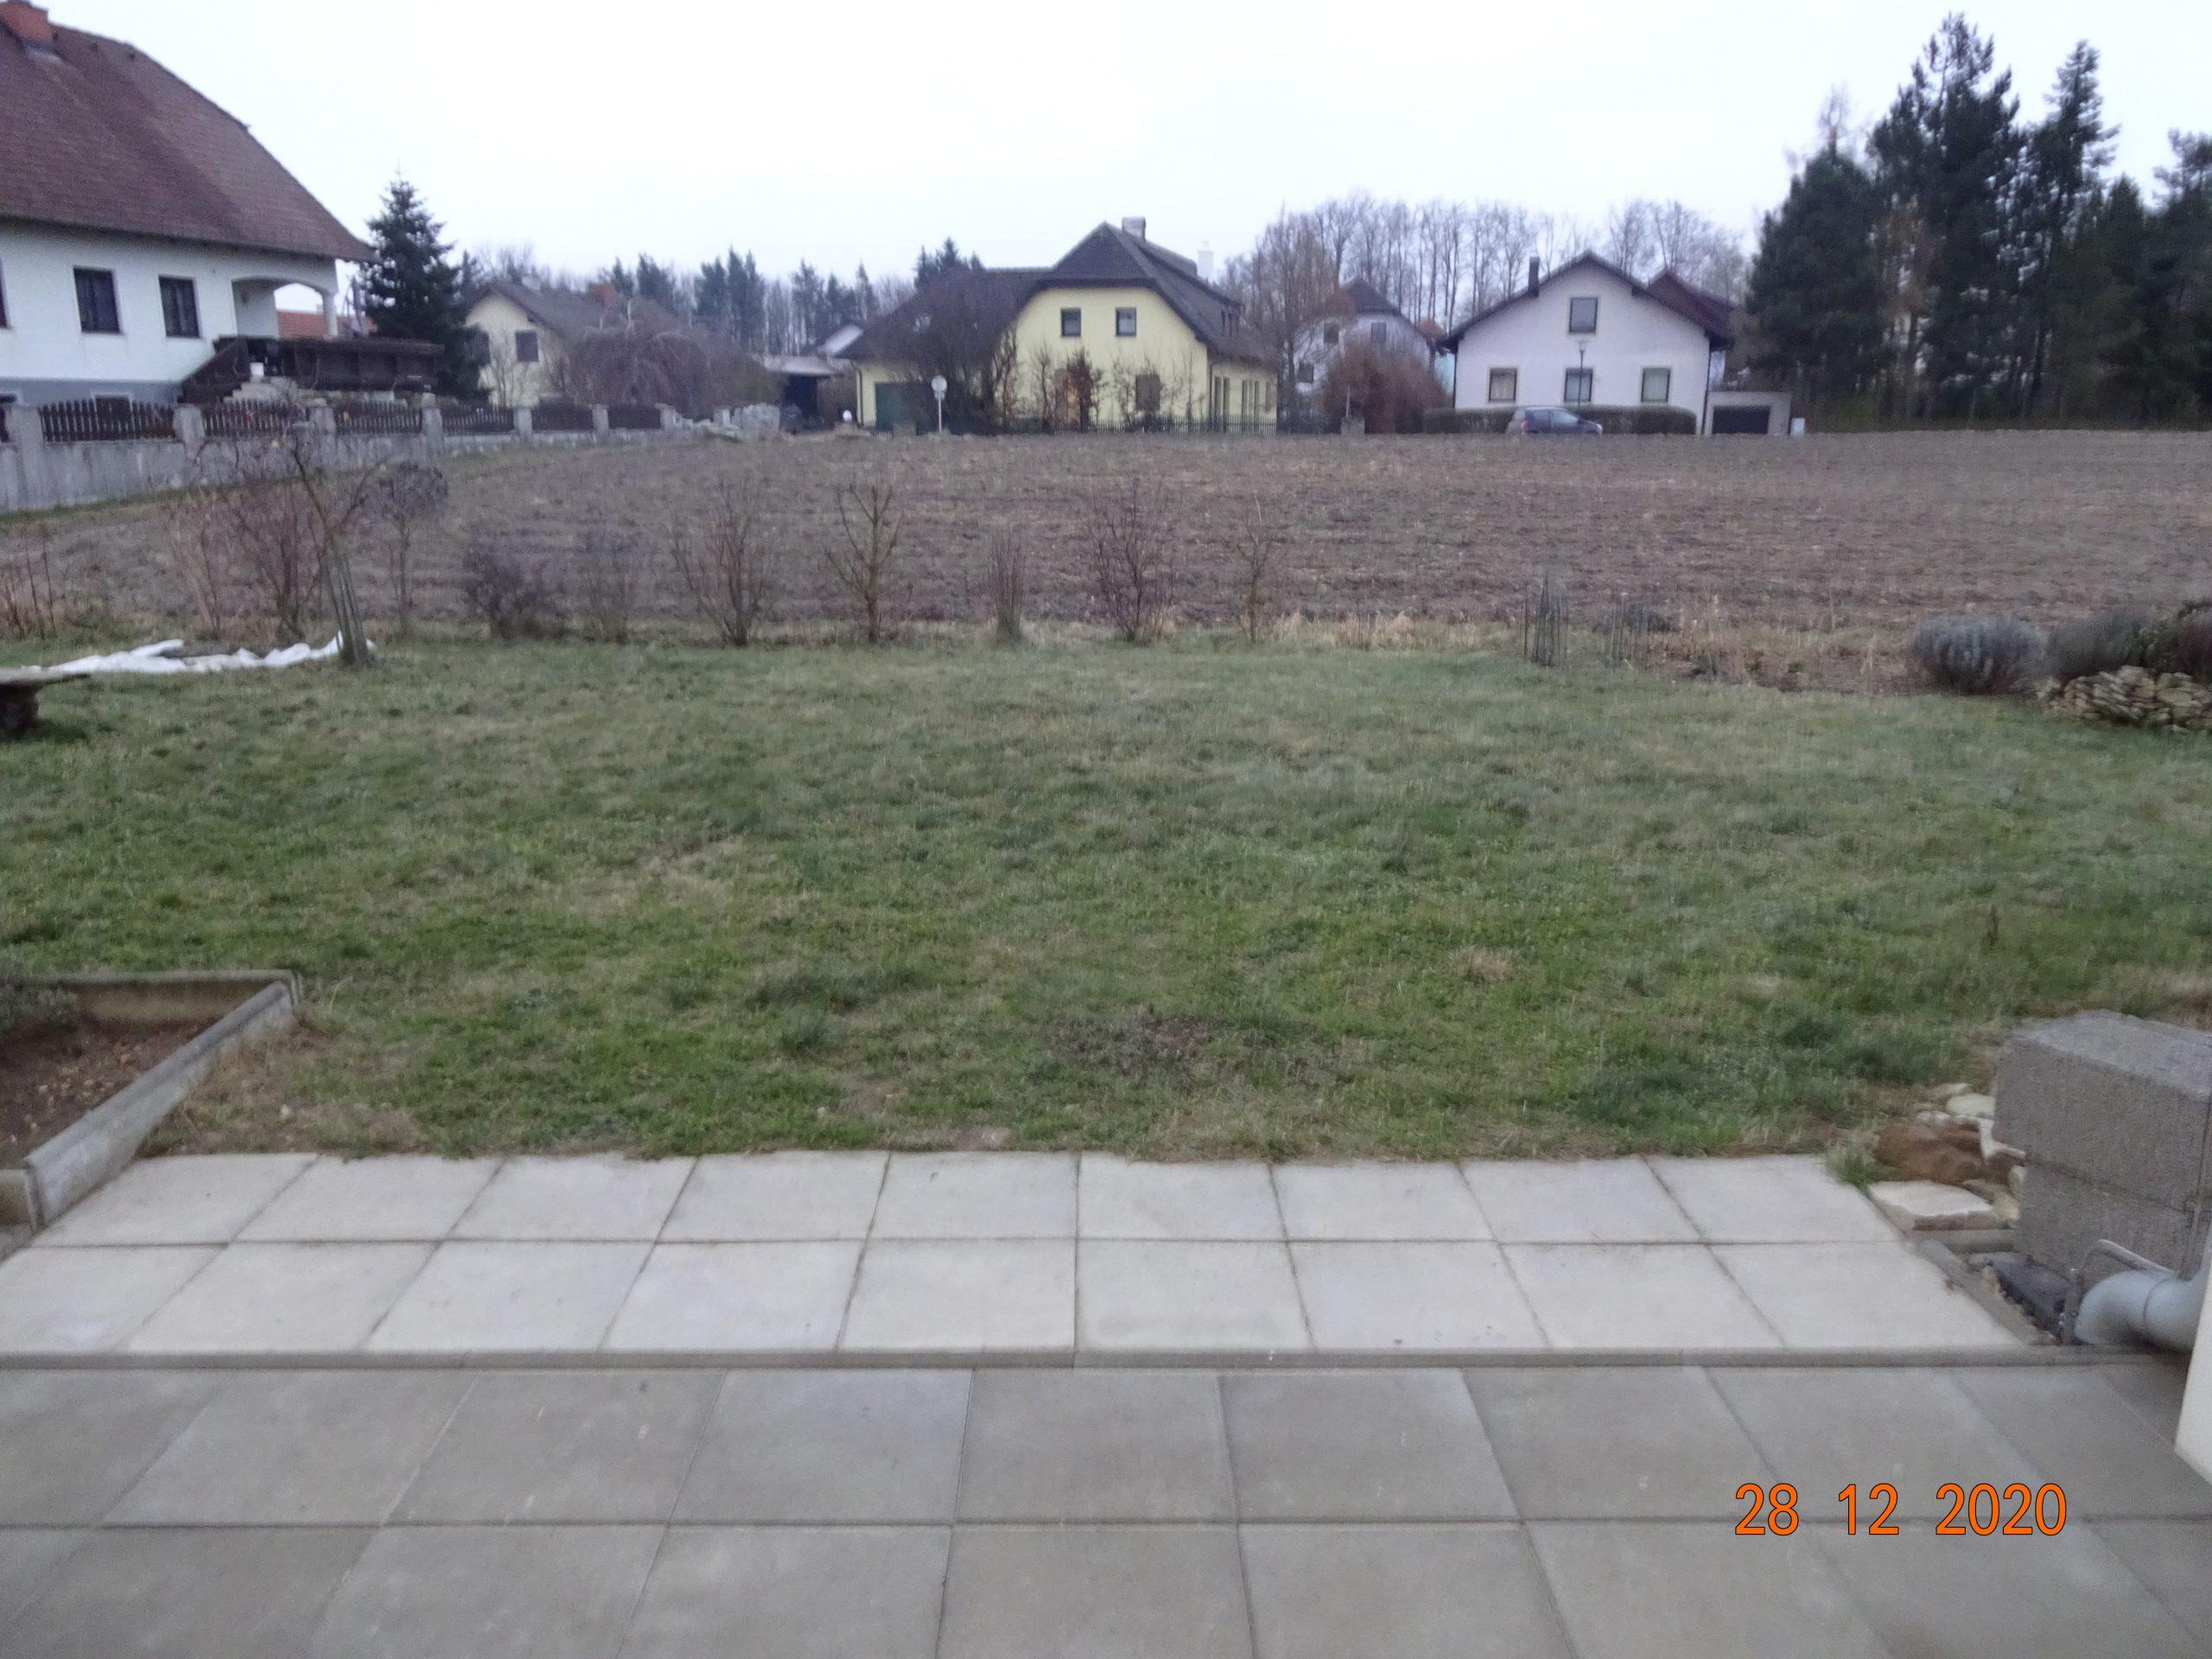 Immobilie von Kamptal in 3572 St. Leonhard am Hornerwald, Krems(Land), St. Leonhard I/2 - Top 202 #1